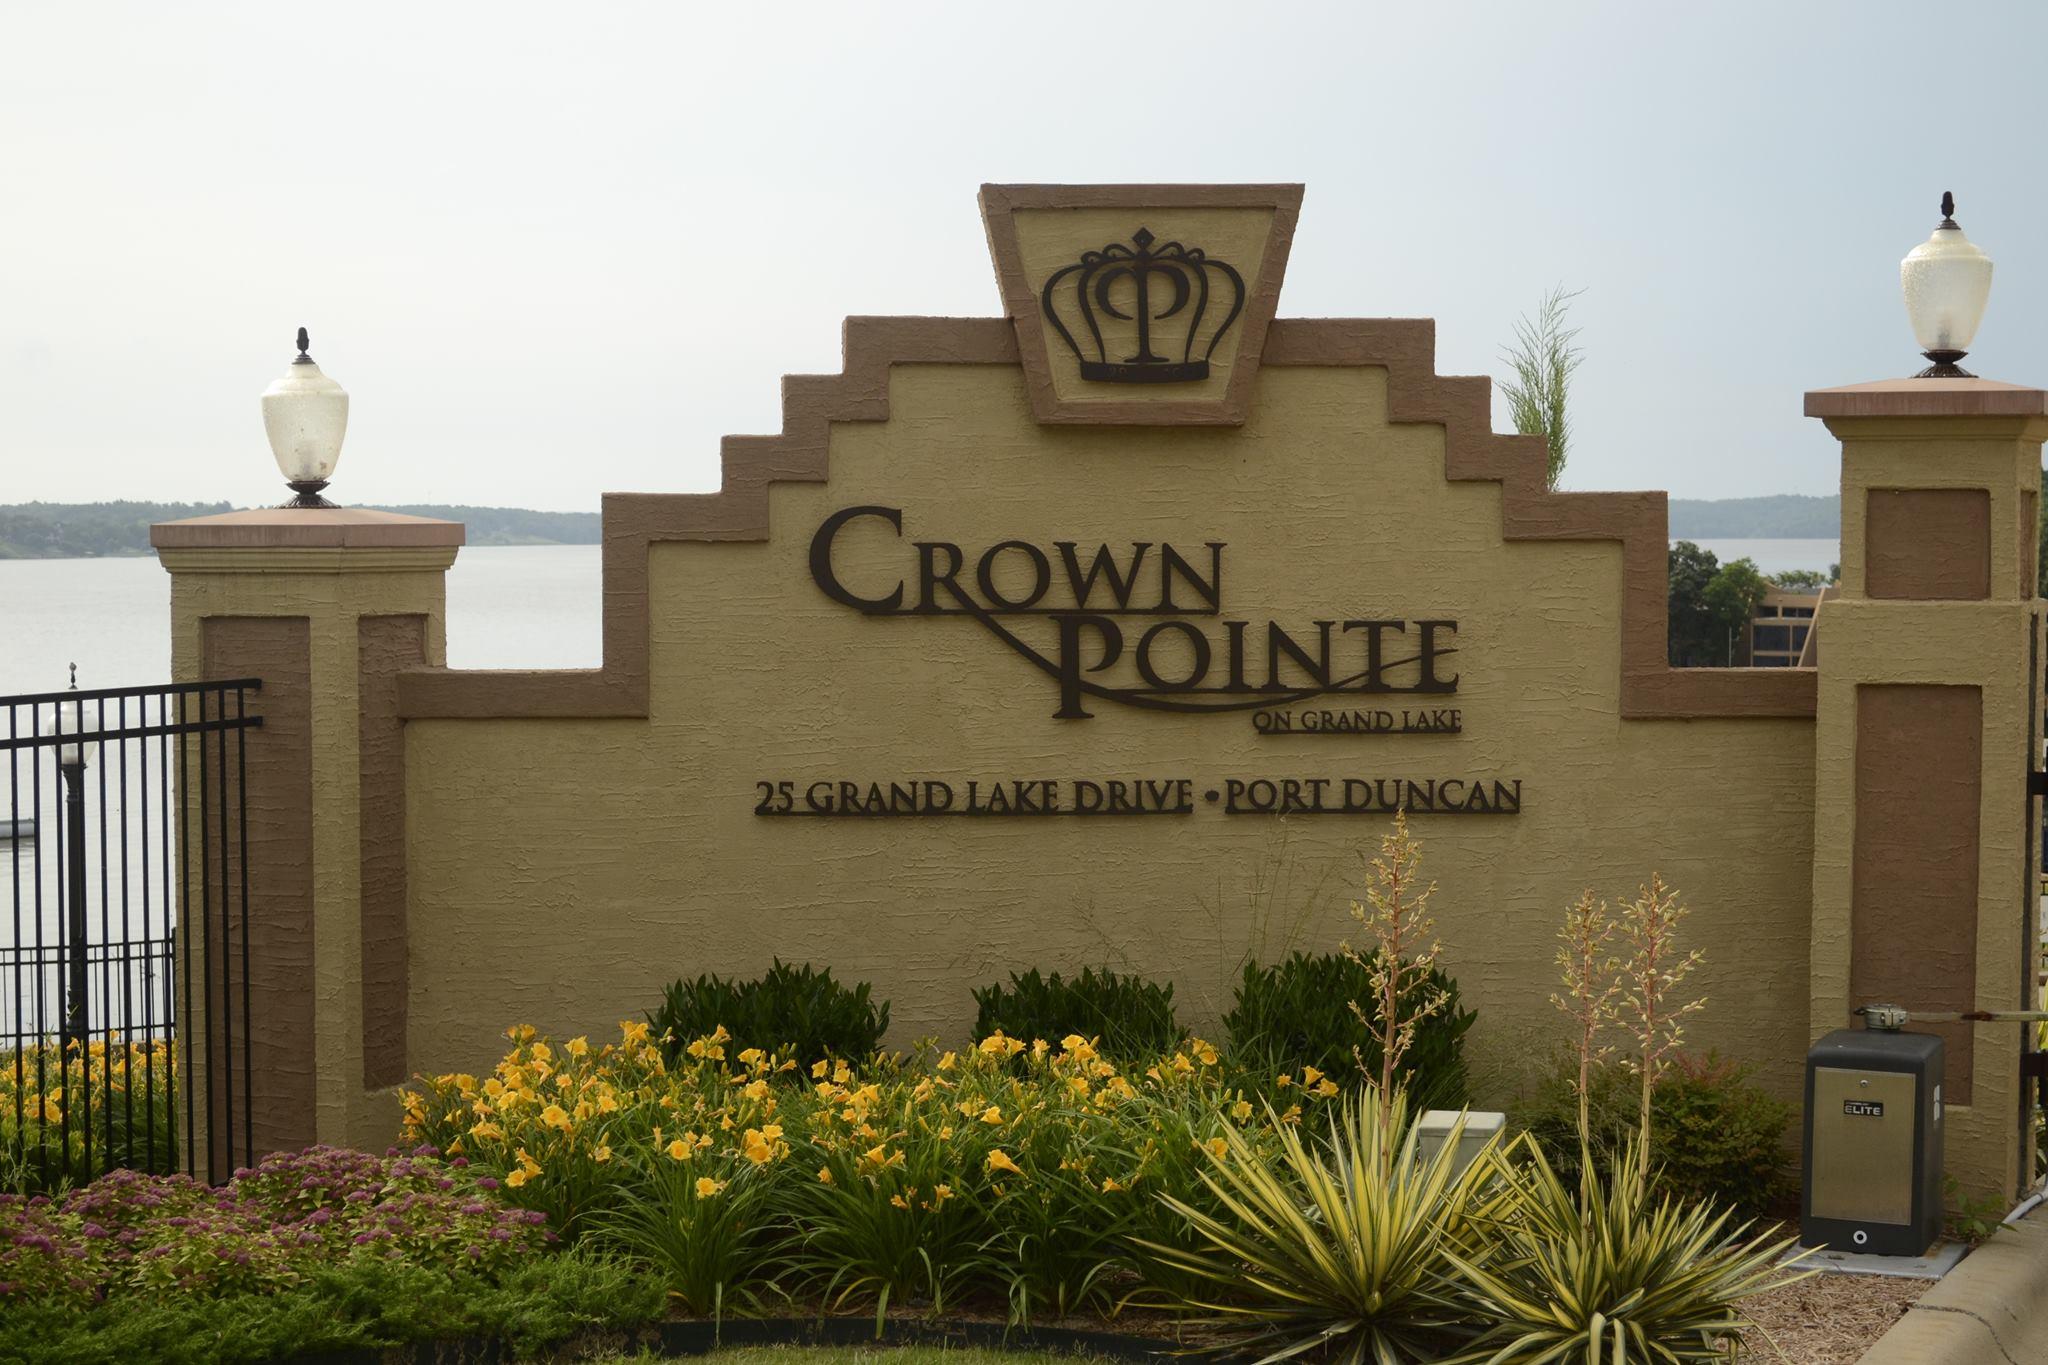 Crown Pointe Development & Marina